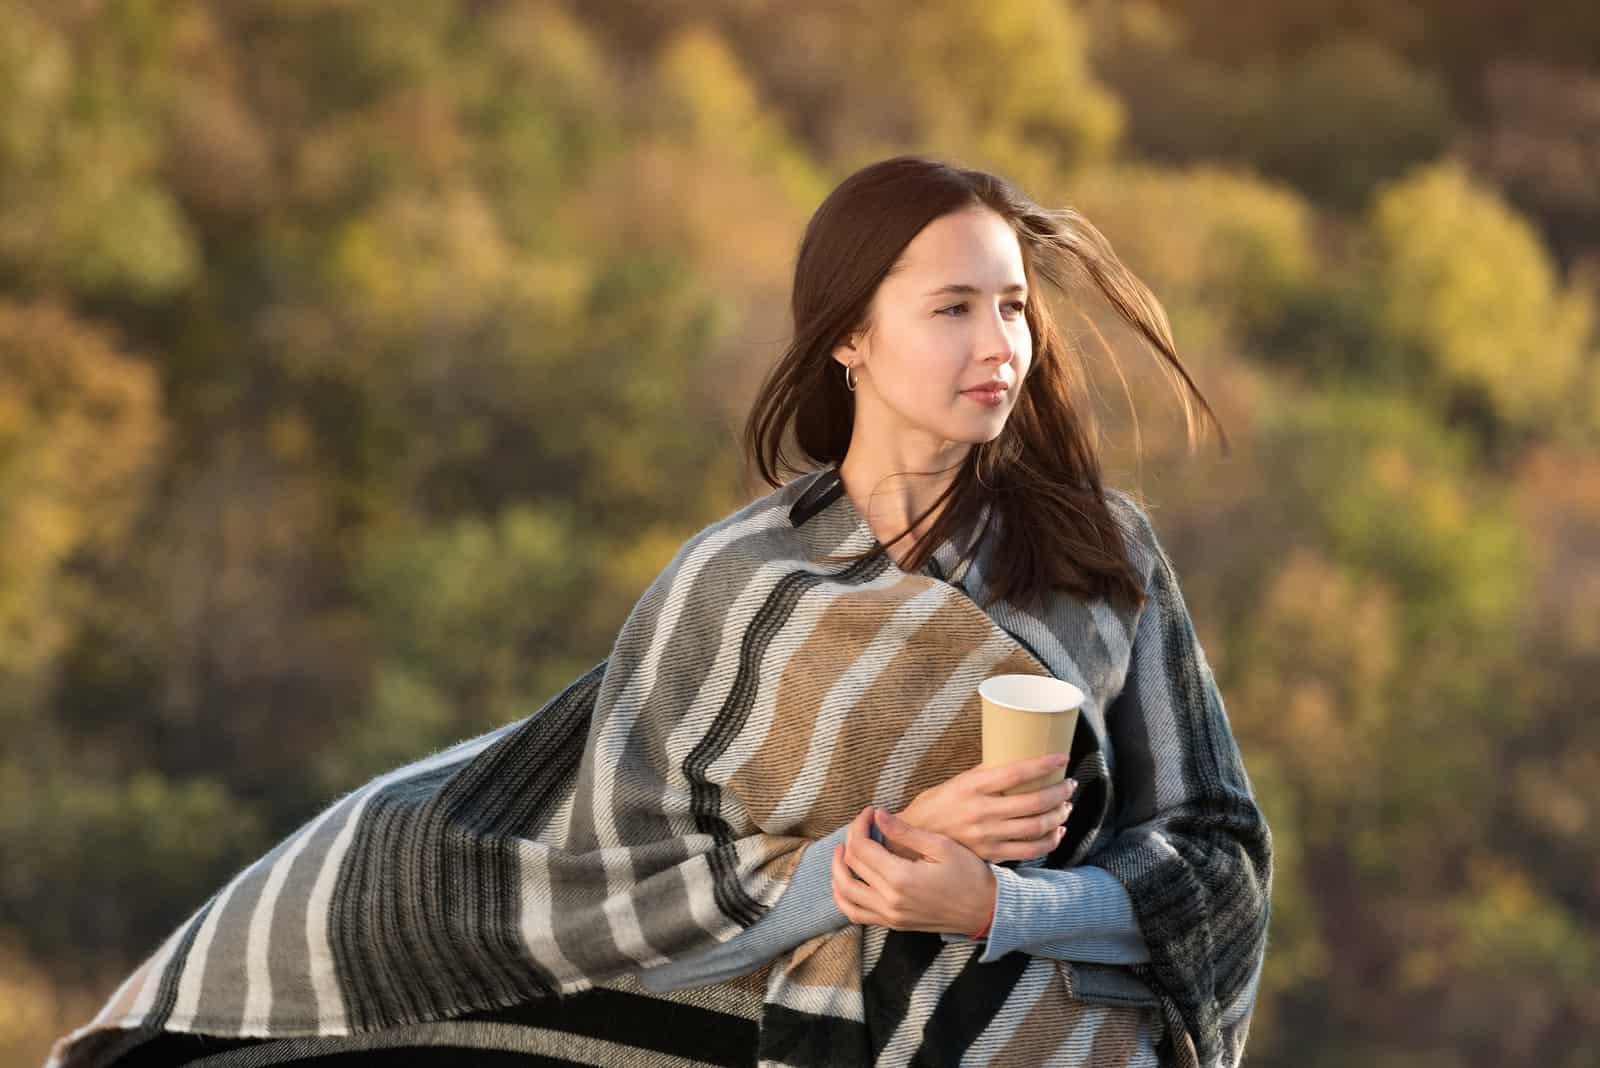 Frau in eine Decke gehüllt und schaut in die Ferne